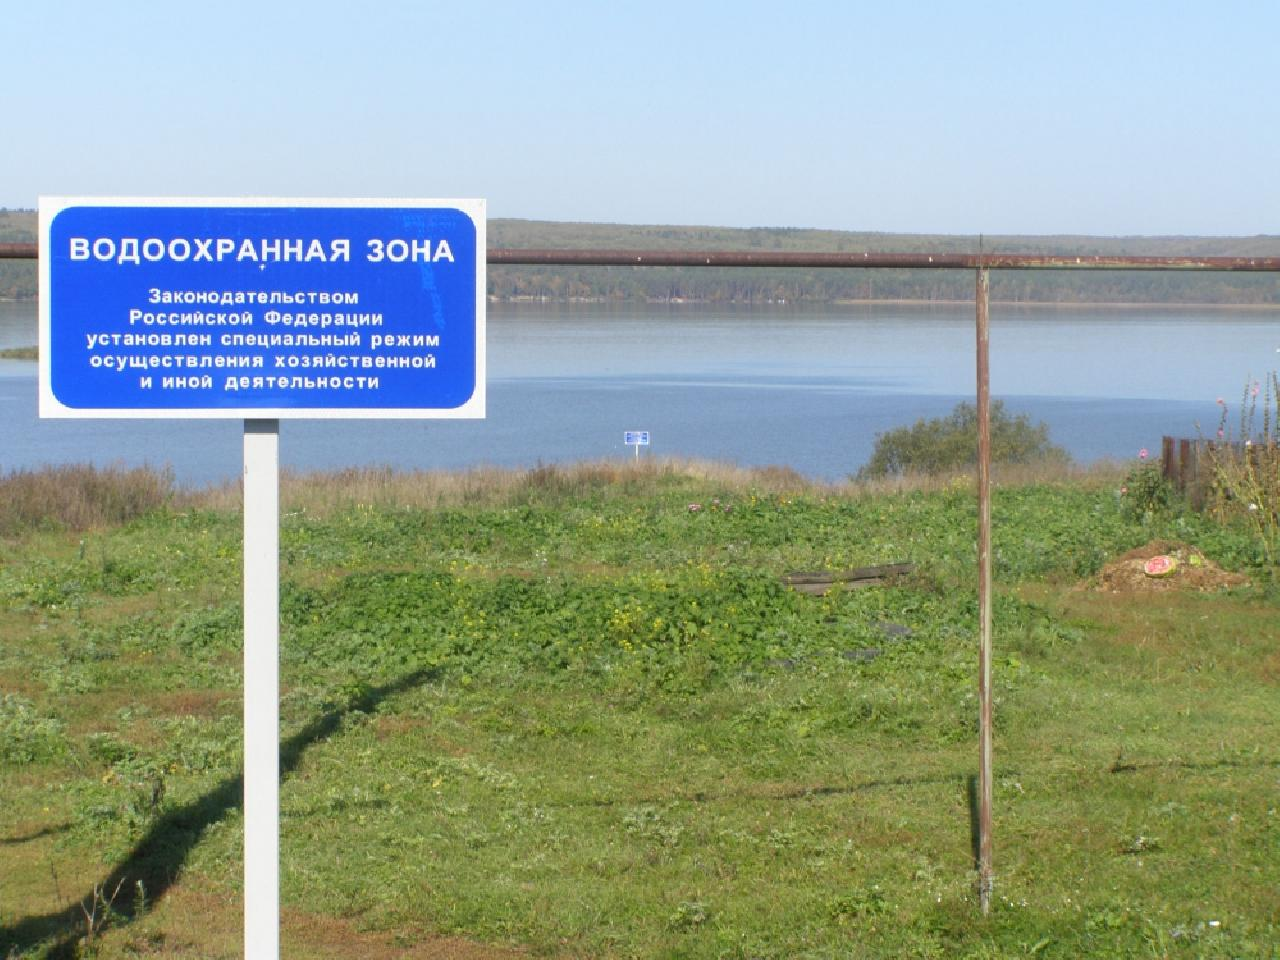 водоохранная зона сколько метров от берега